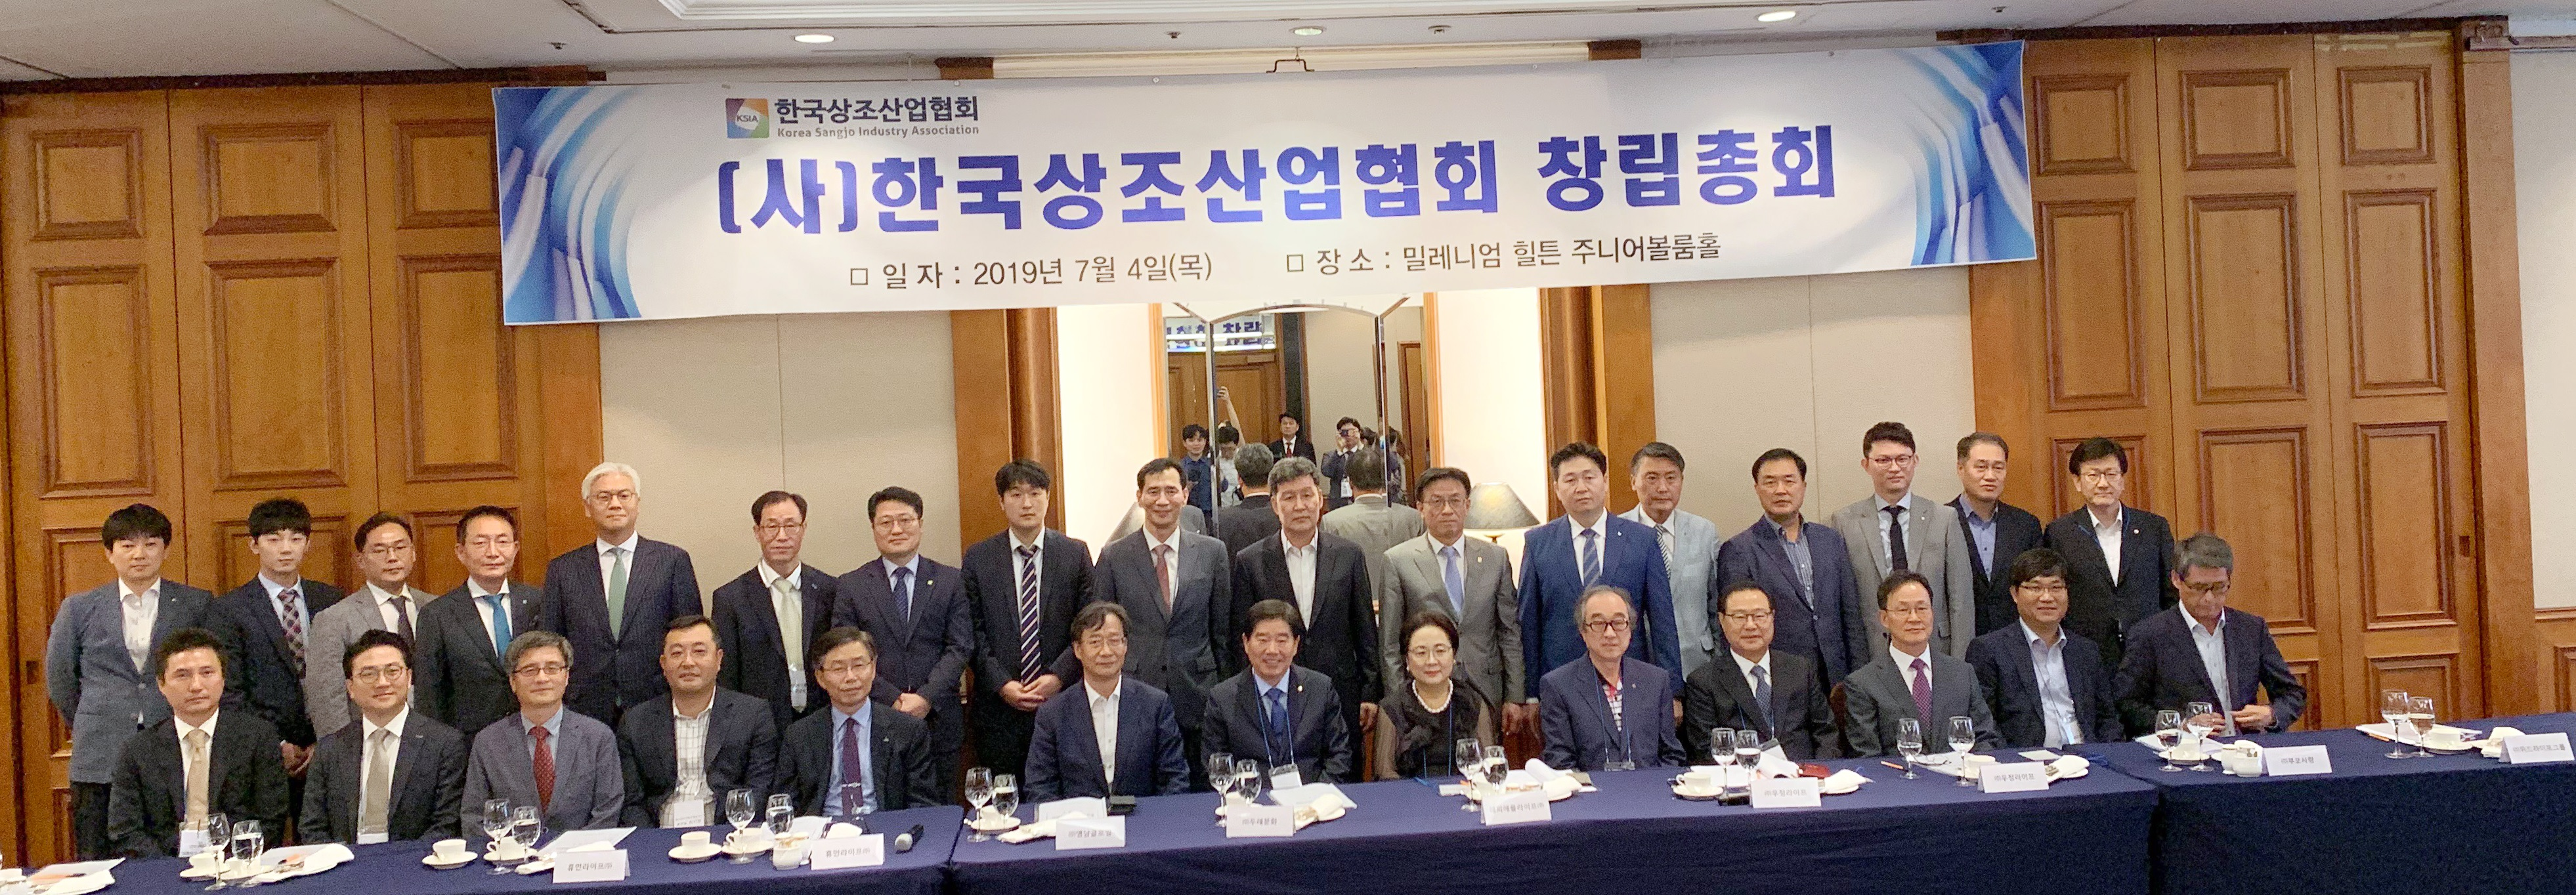 한국상조·대한상조 산업협회, 두 갈래 '평행선'